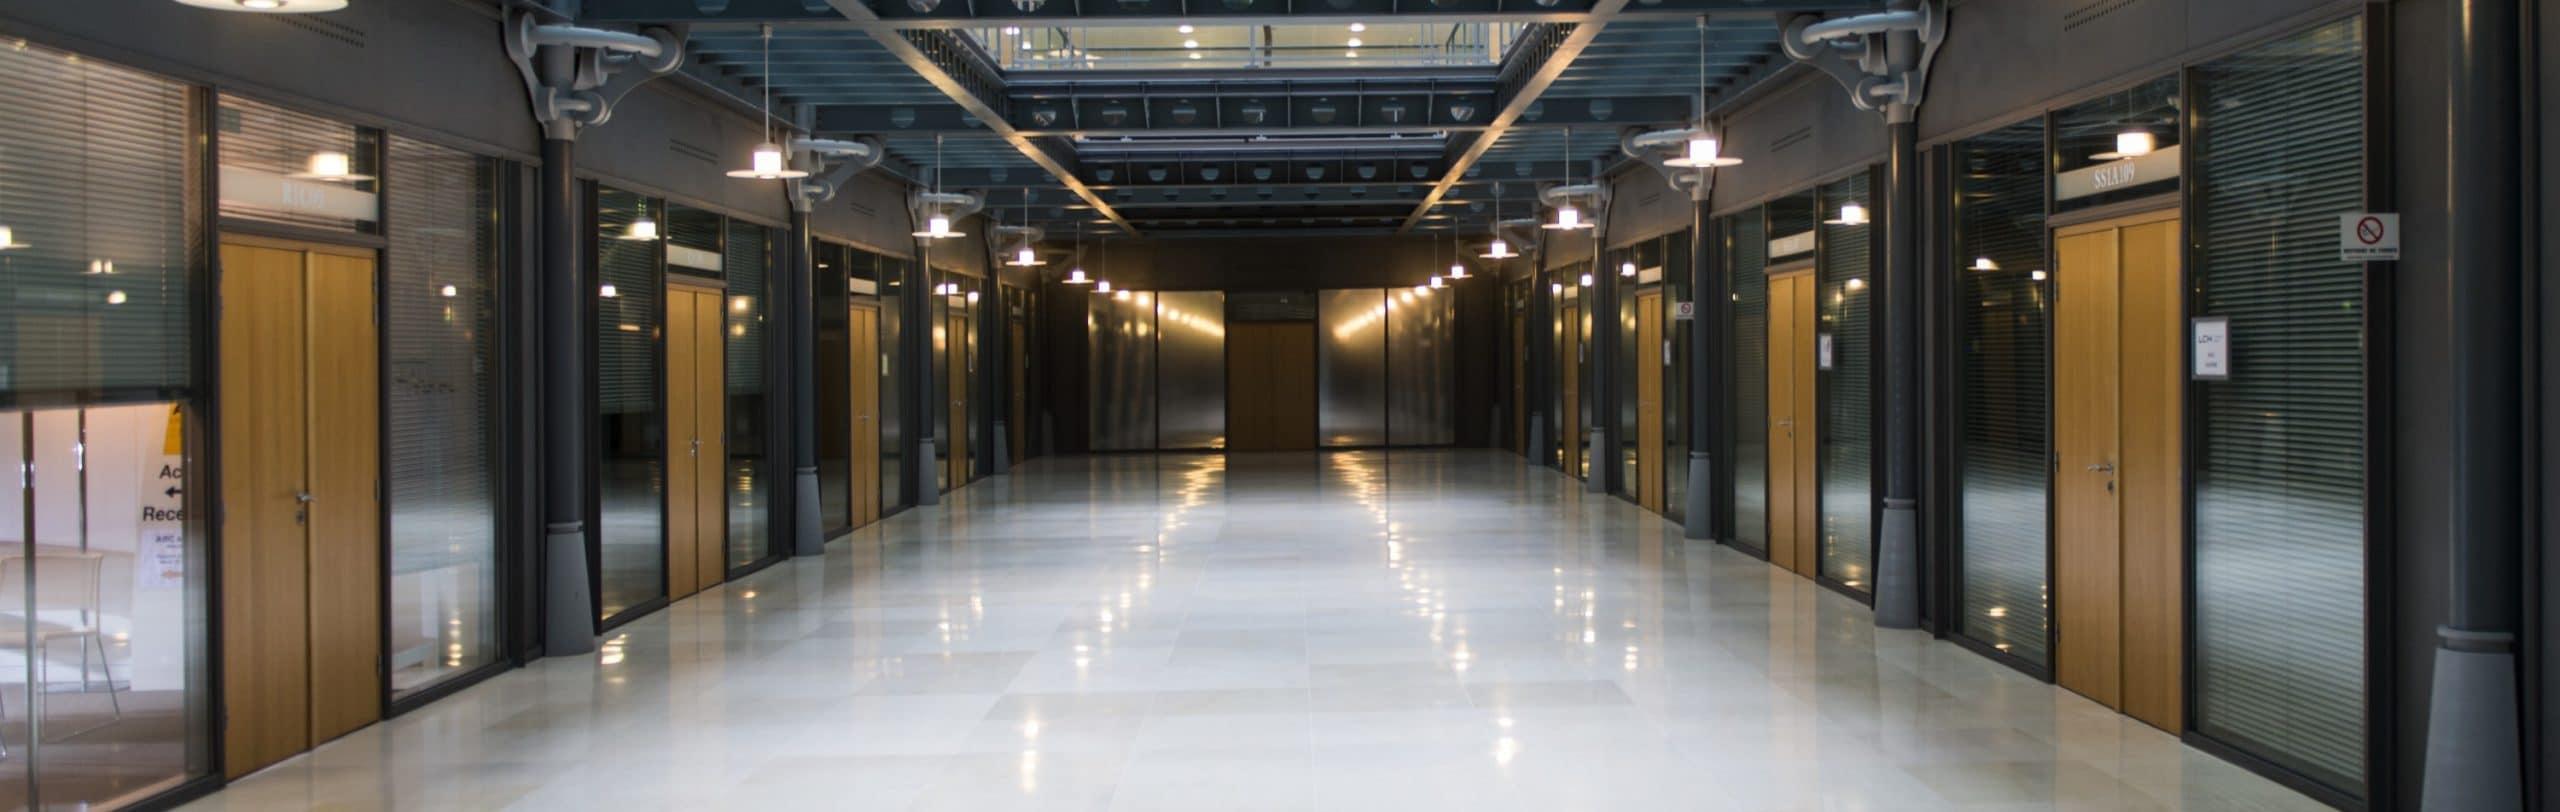 améliorer efficacité énergétique batiments